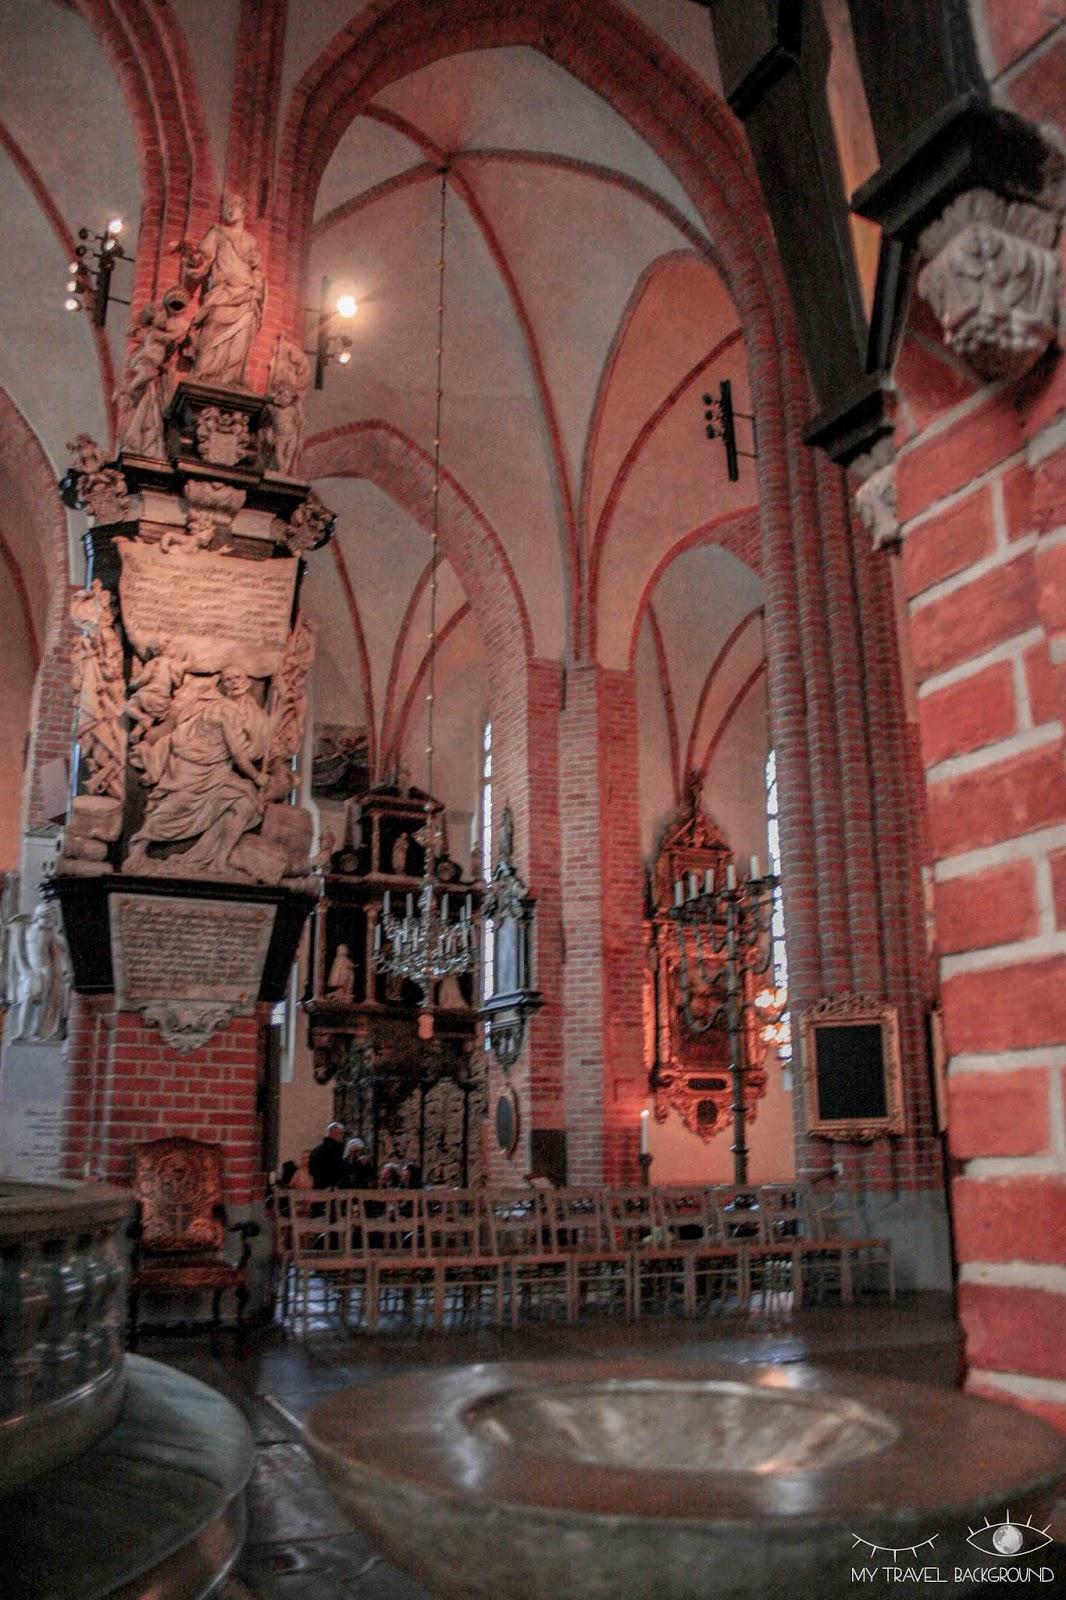 My Travel Background : Visiter Stockholm, mes immanquables - Cathédrale Storkyrkan